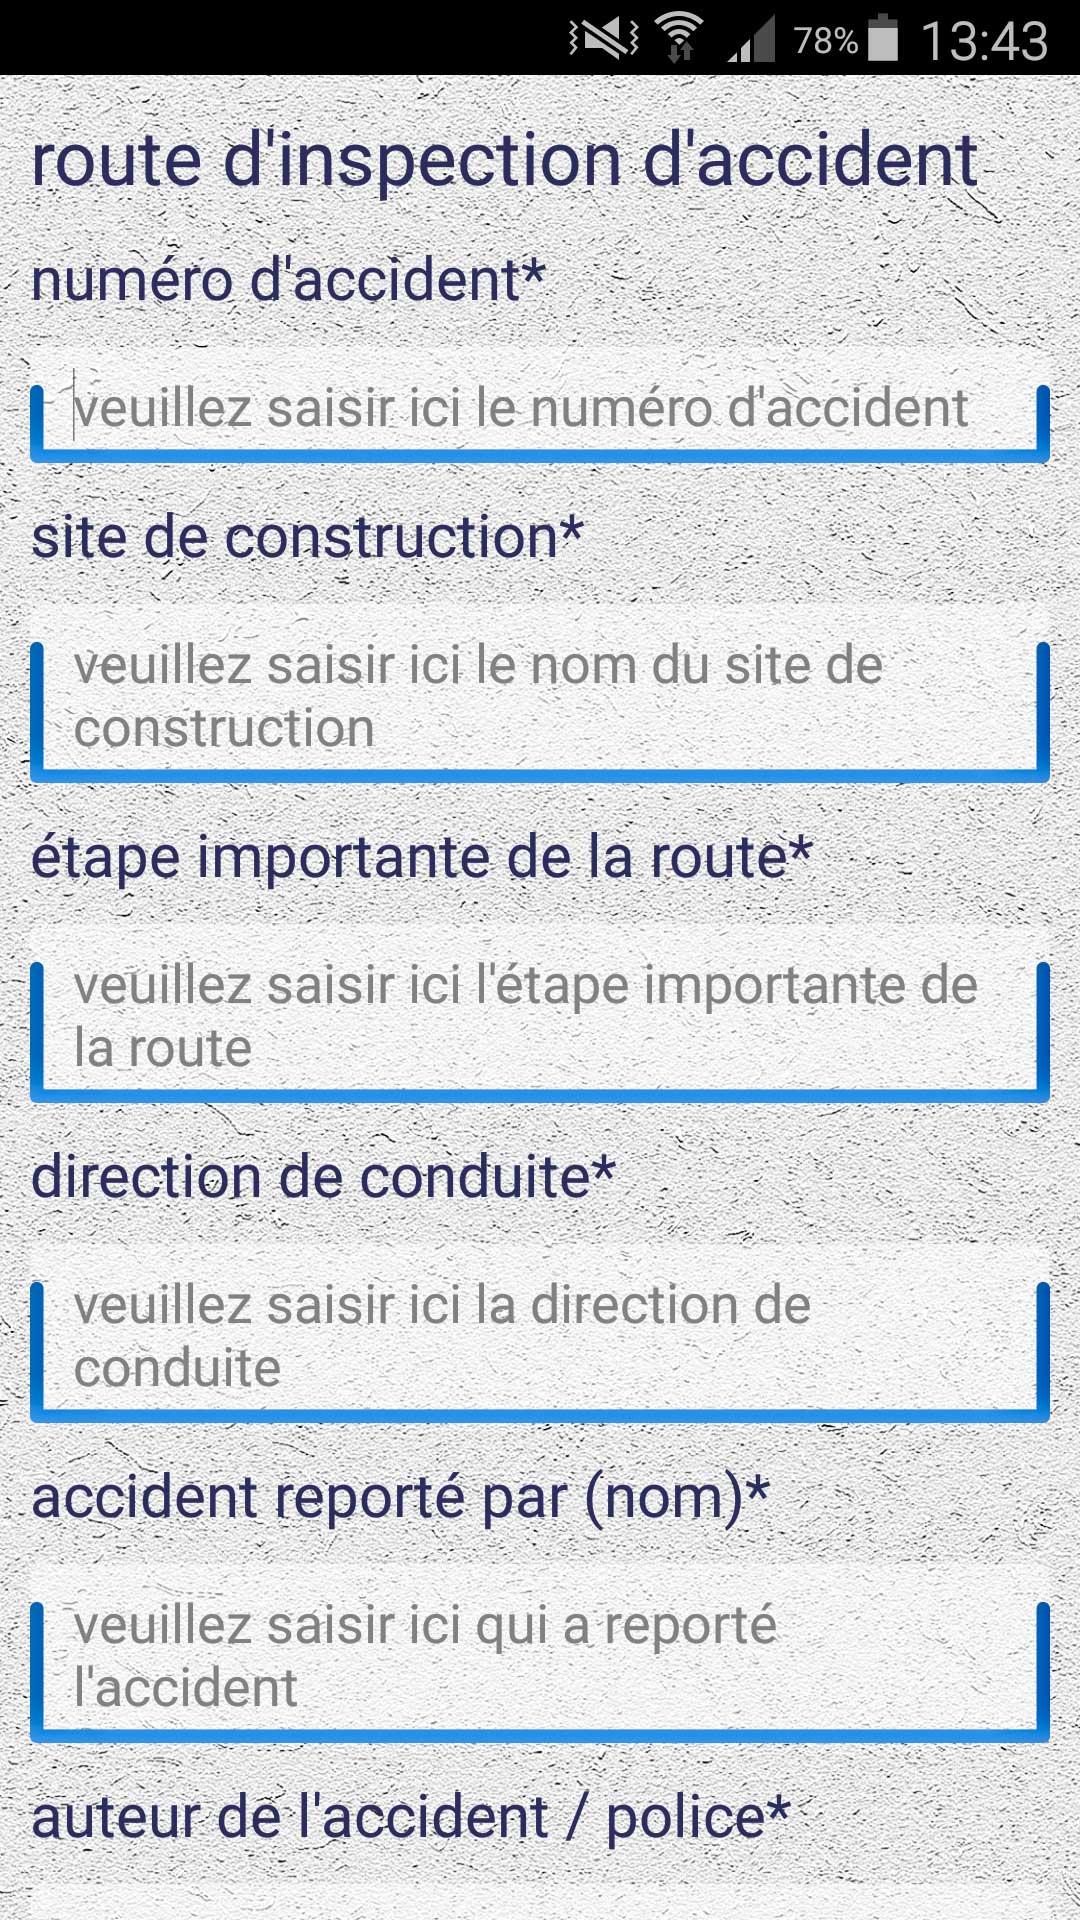 ginstr_app_roadSafetyChecklist_FR_6